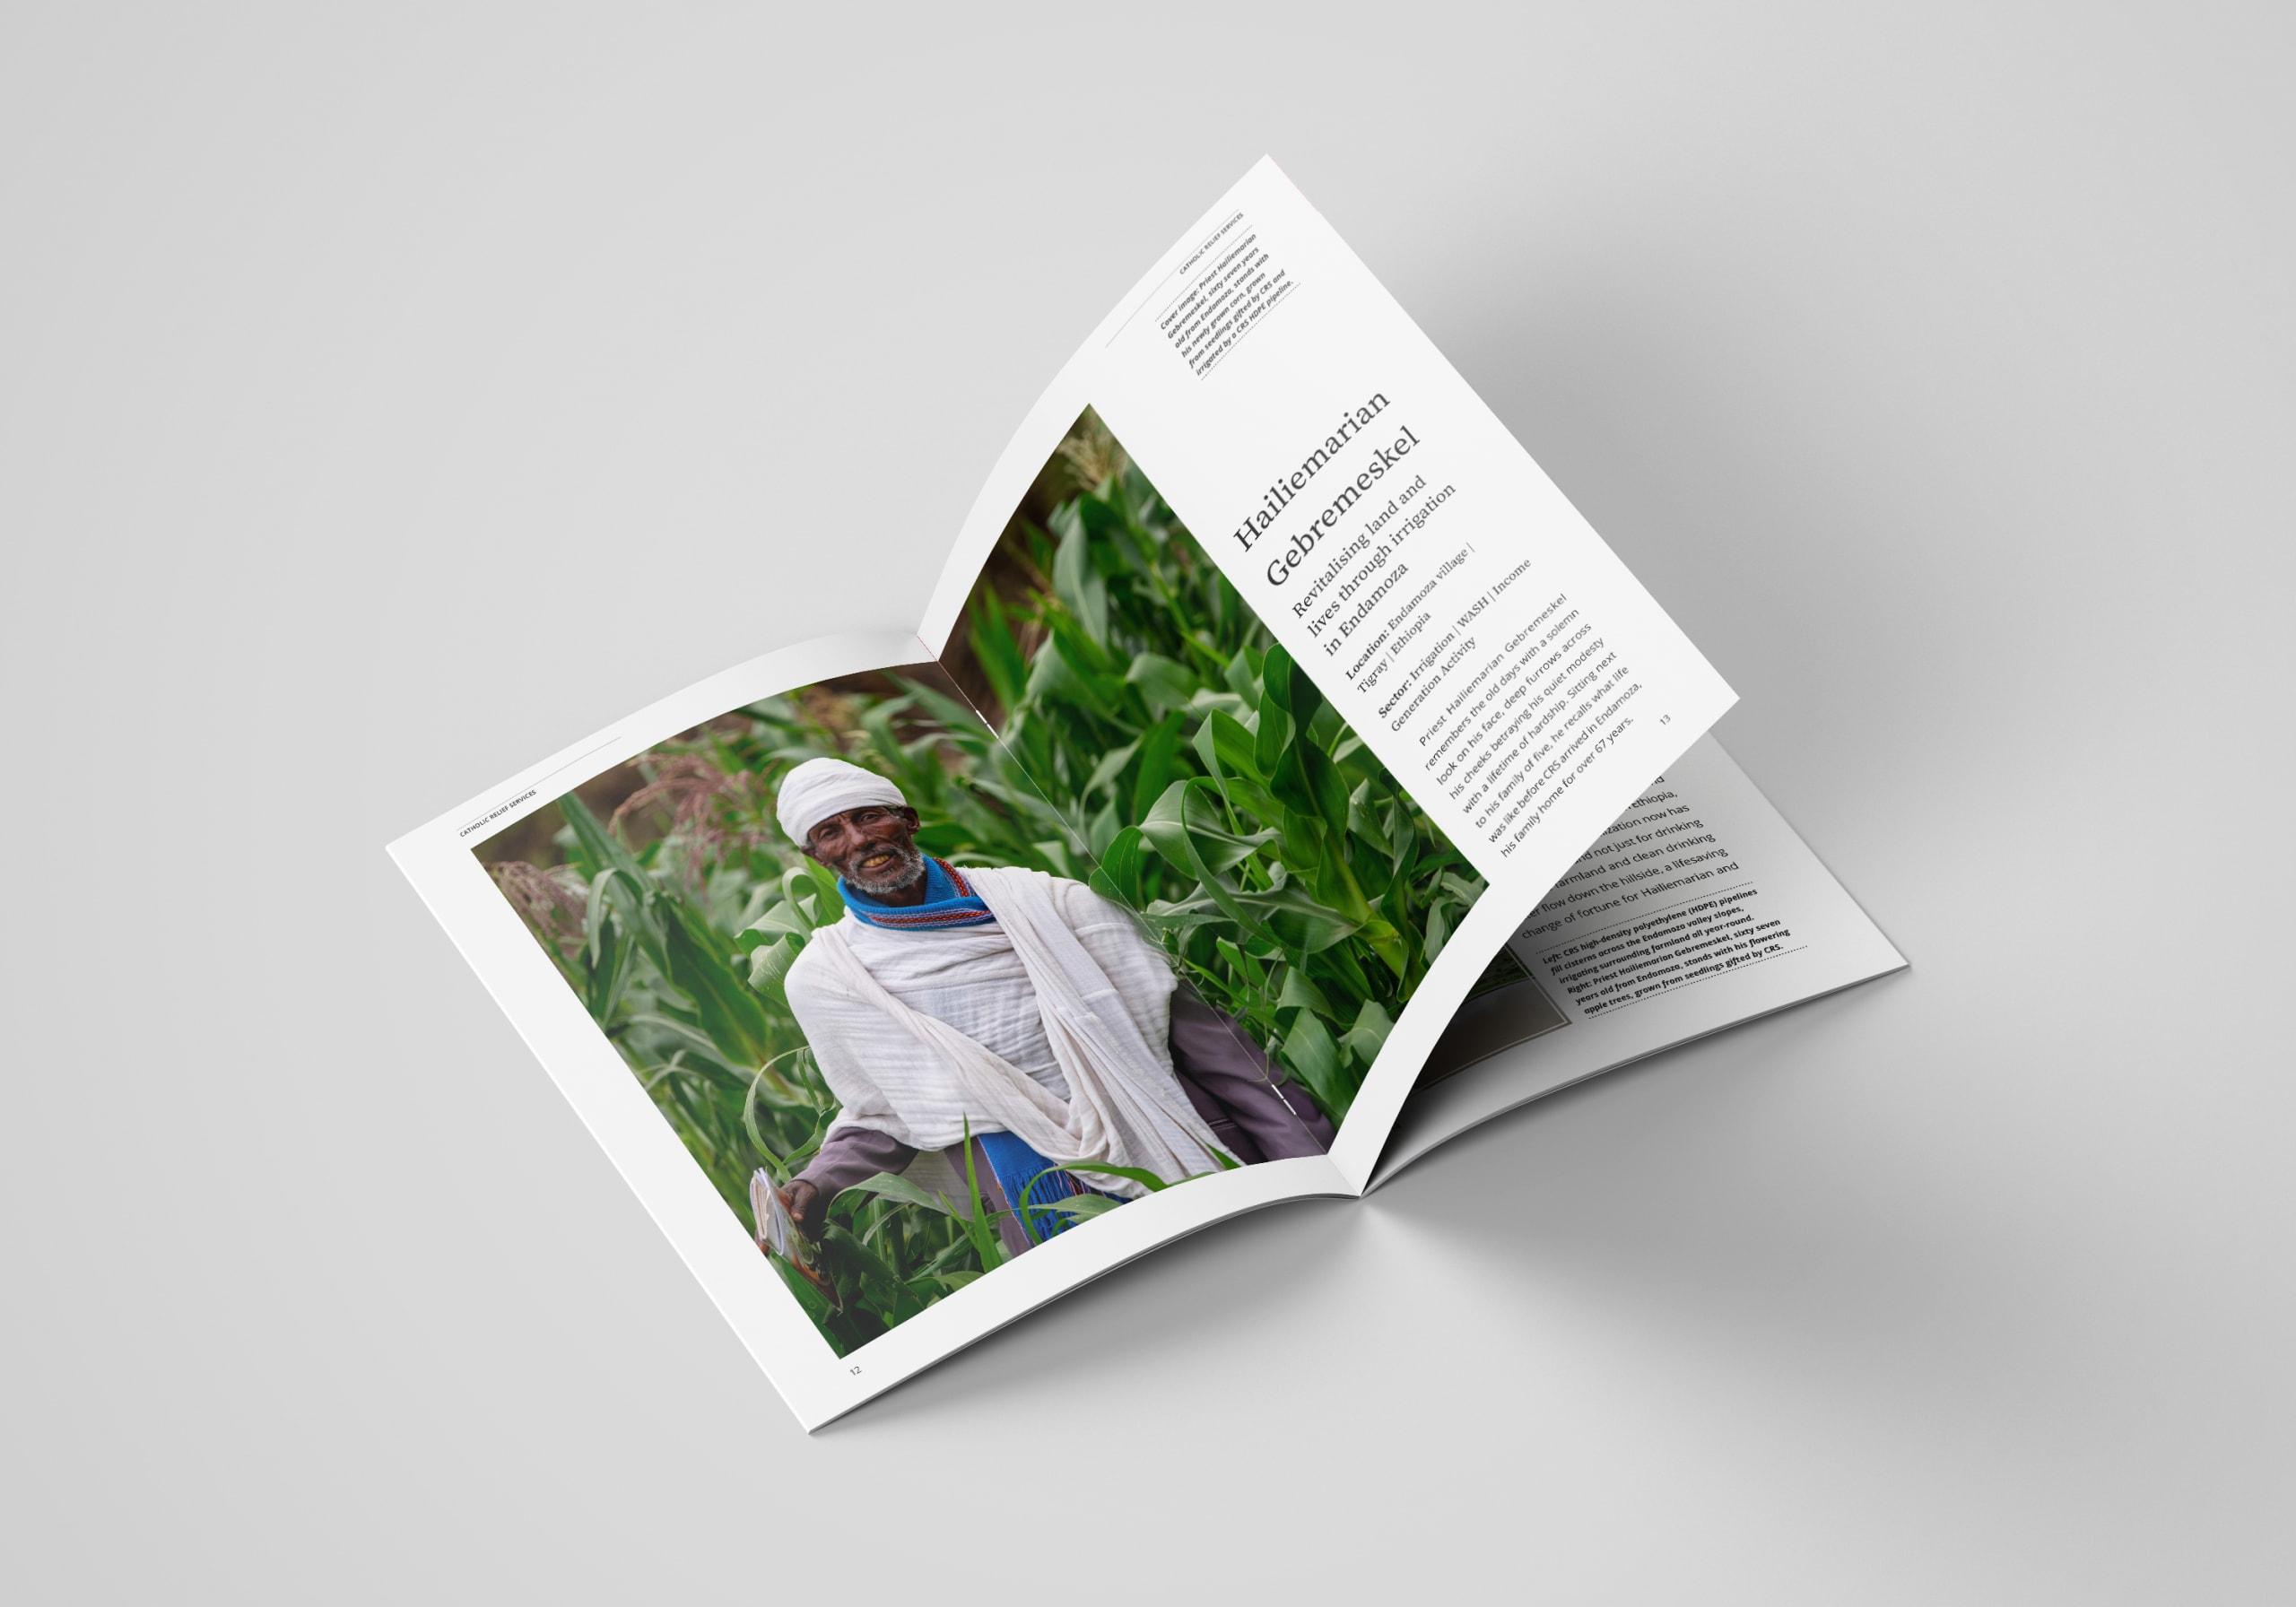 Publication Layout for iNGO Publication